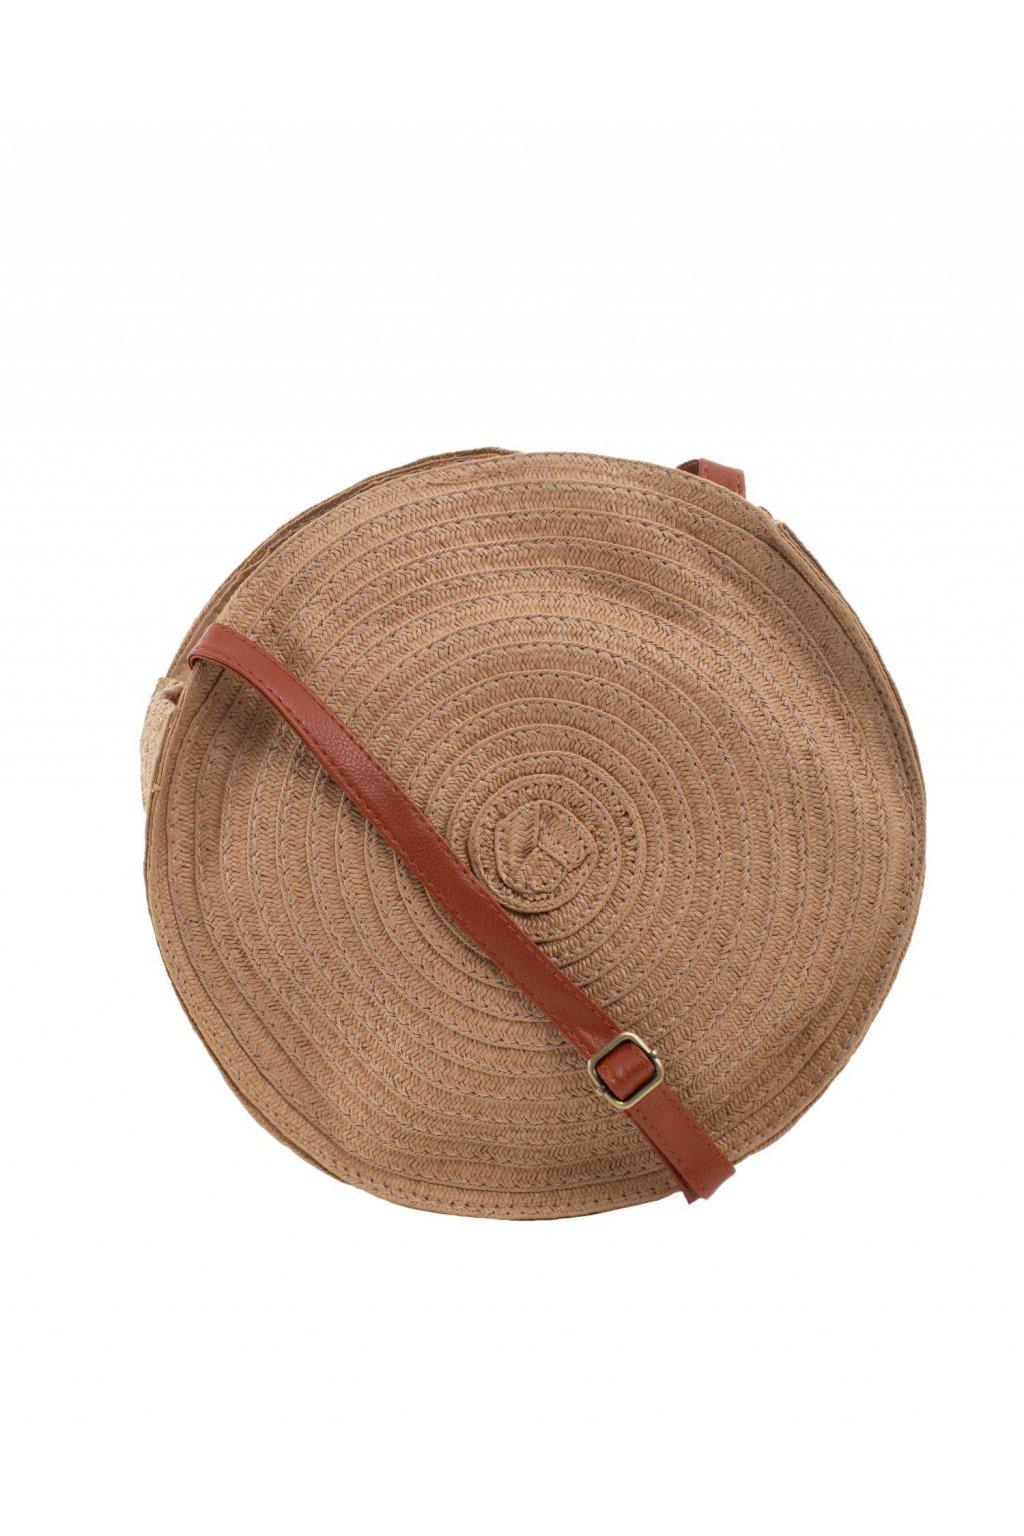 Plážová kabelka tmavo-béžová kód YP-TR-ax4284.17